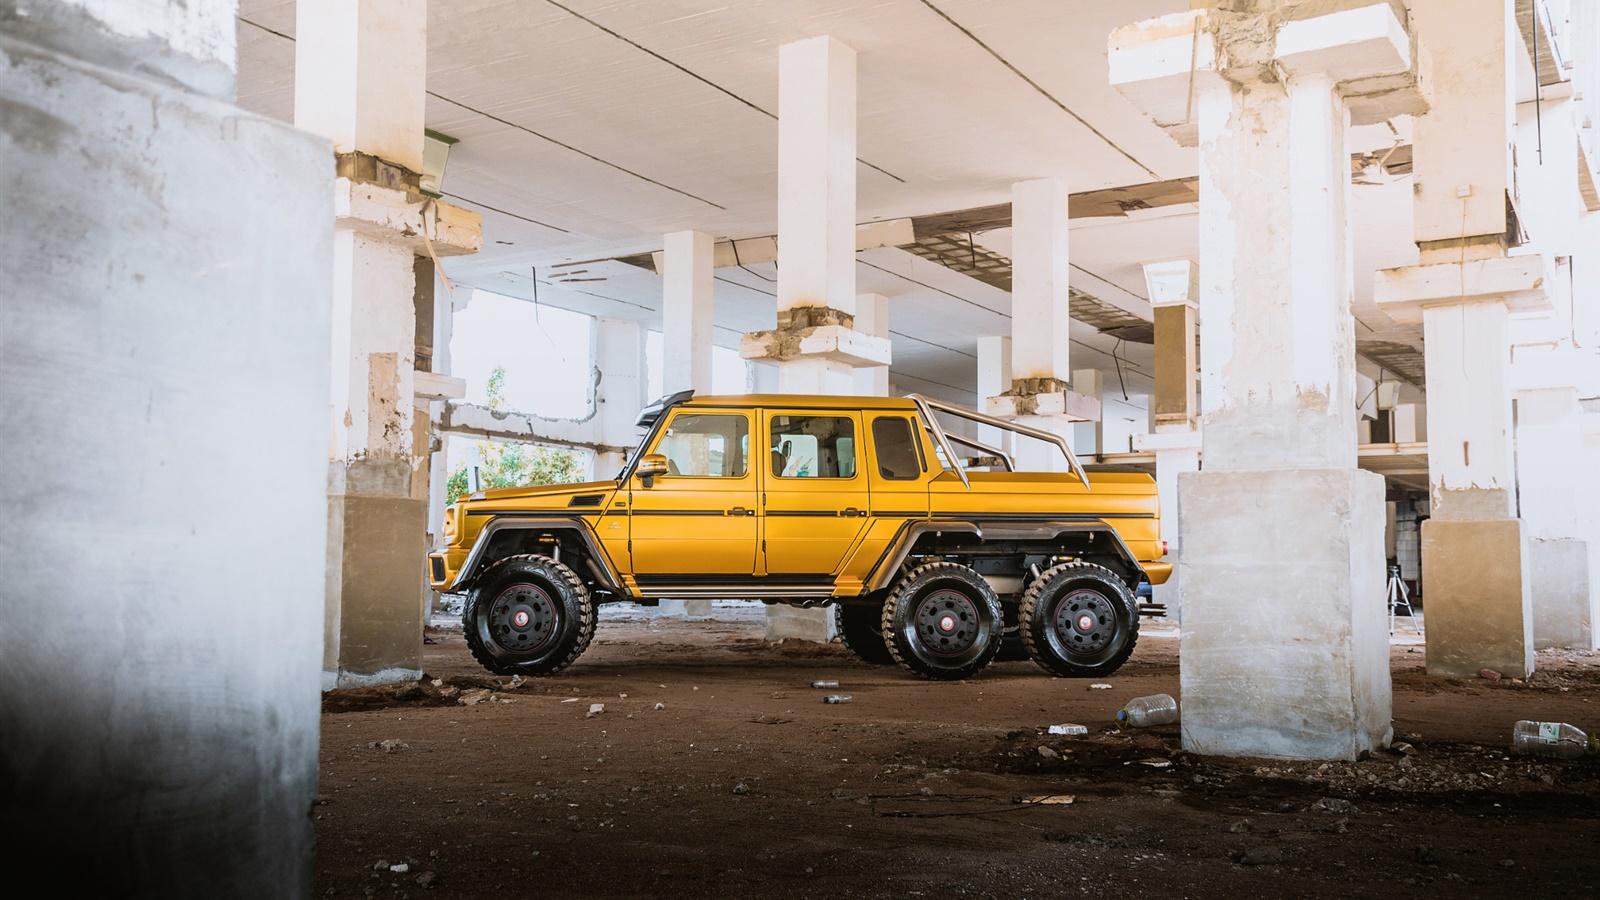 Mercedes Benz Mb G63 Amg 6x6 Camioneta Amarilla Fondos De Pantalla 1600x900 Fondos De Pantalla Descarga Es Hdwall365 Com